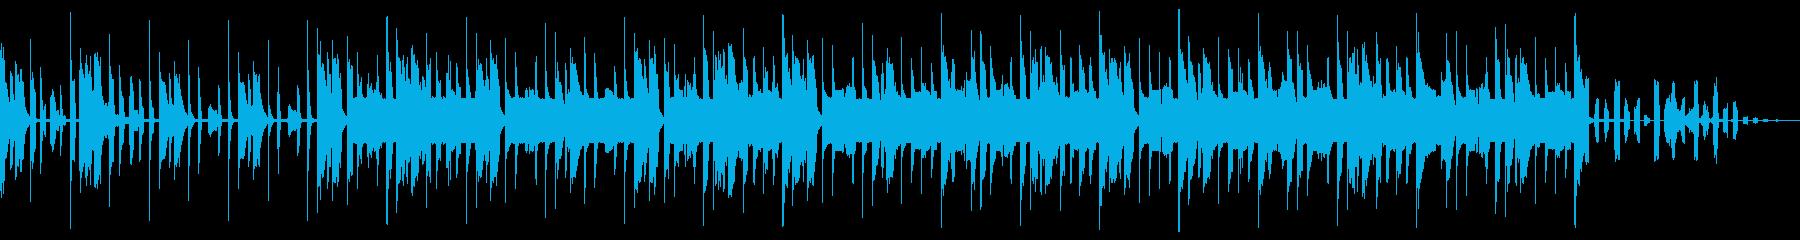 アーバンクールエレクトロニカの再生済みの波形